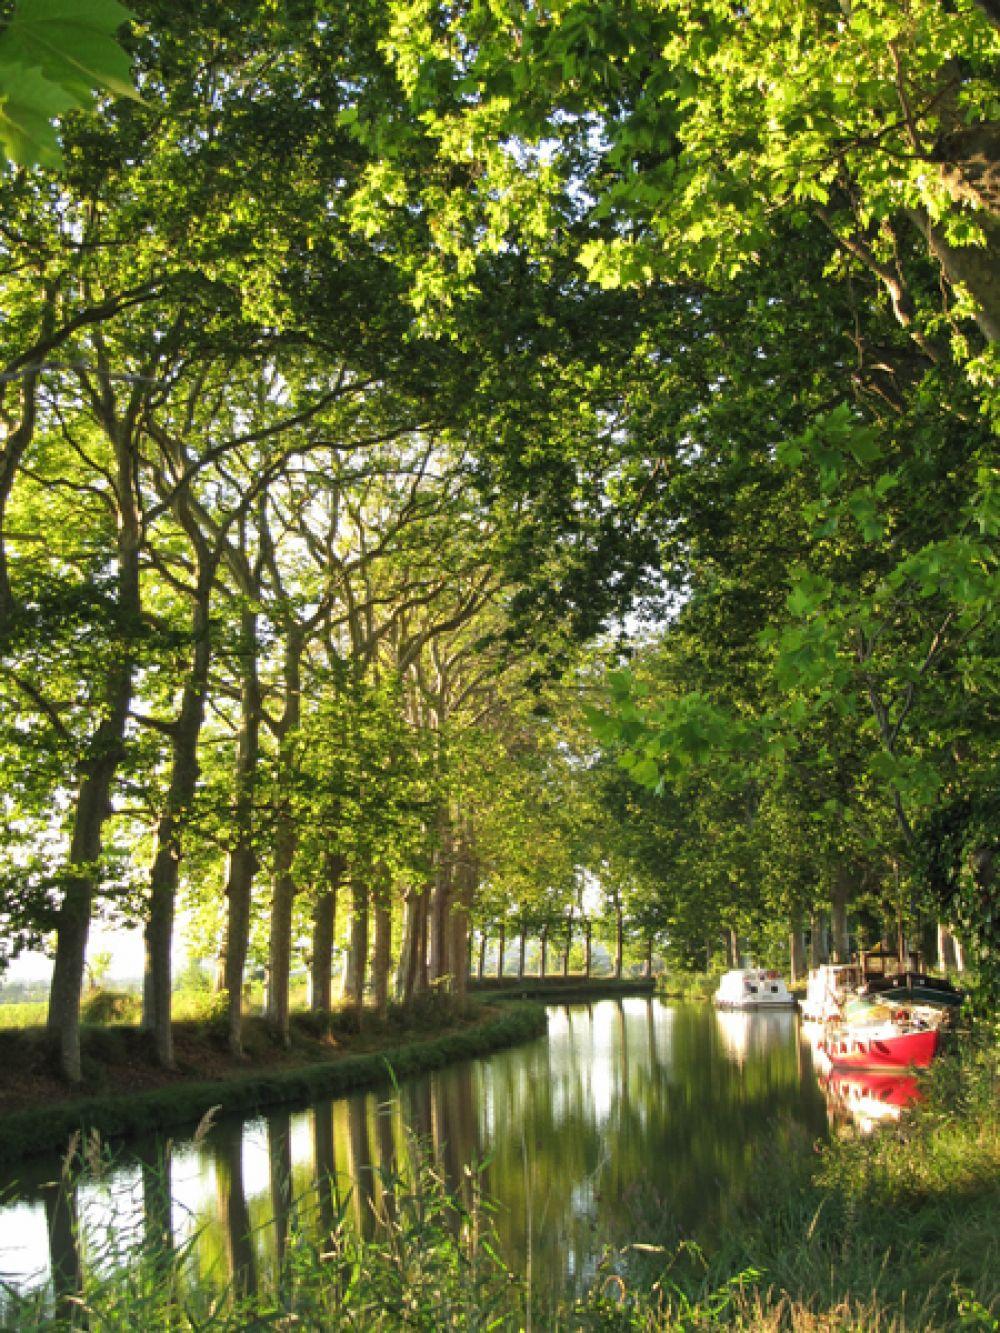 Южный канал (Лангедокский канал, Канал дю Миди). Из всех судоходных каналов в Европе этот — самый старый. В XVII—XVIII веках он использовался для перевозки грузов и почтовой корреспонденции. В XIX веке в связи с развитием железнодорожного сообщения стал использоваться в основном для торговой коммерции. В настоящее время по нему ходят только прогулочные катера с туристами и малотоннажные частные суда.